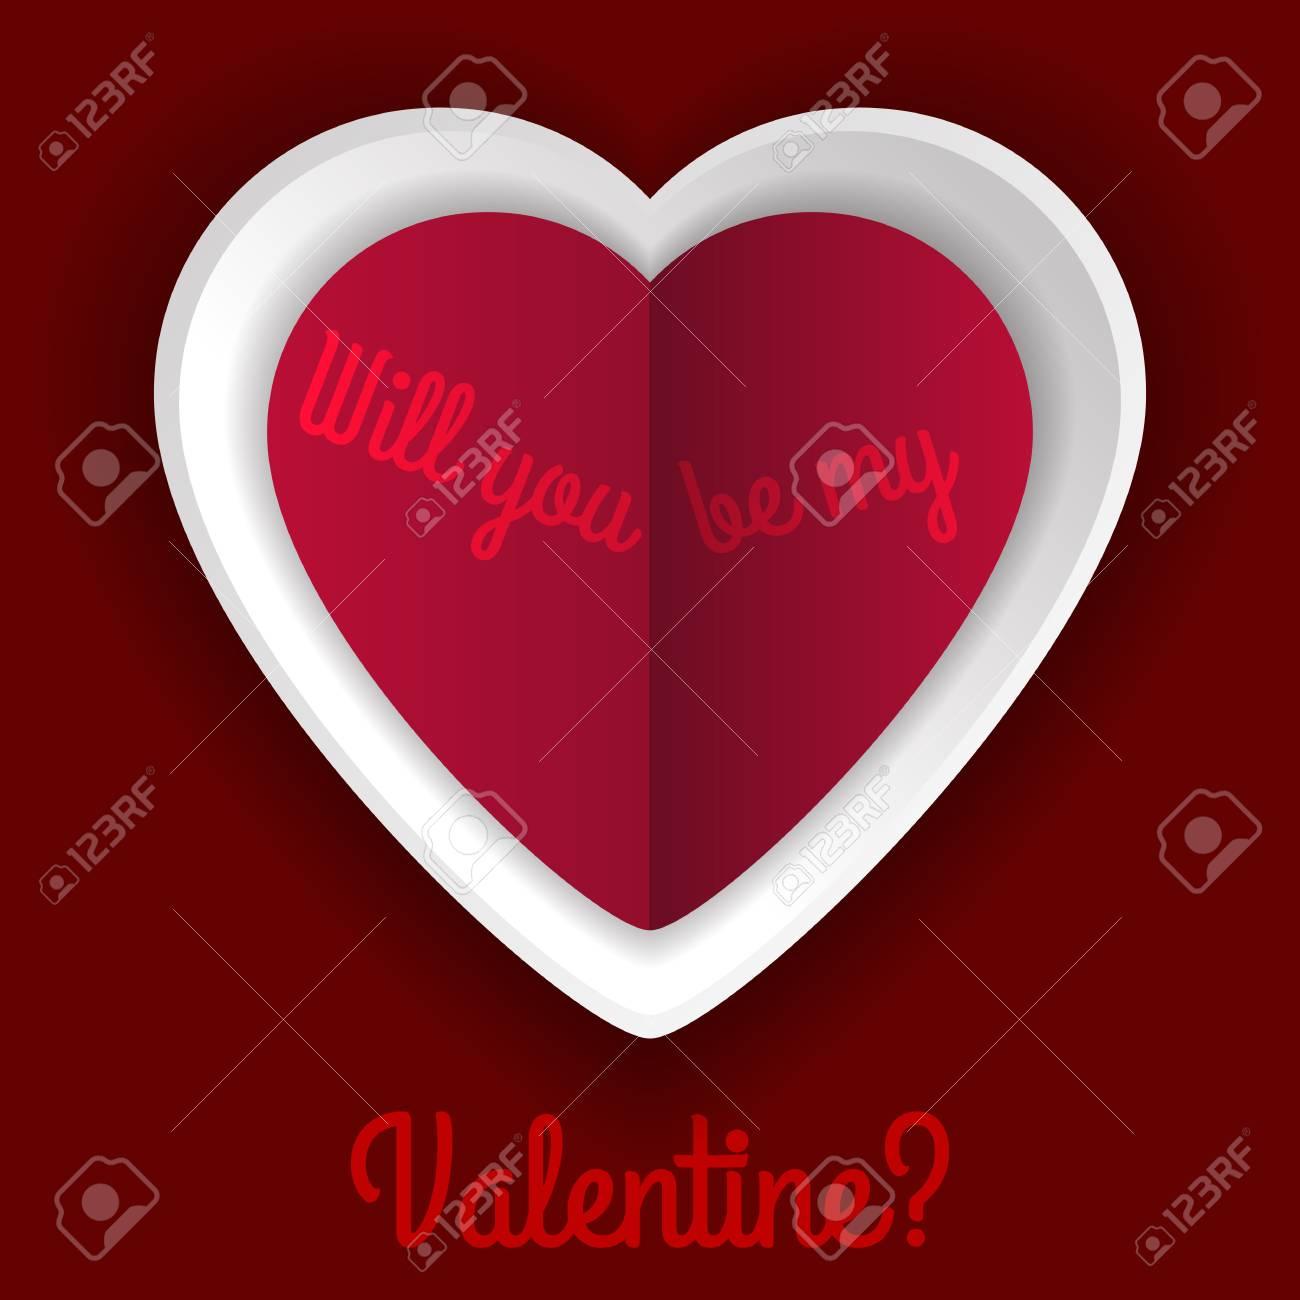 Tarjeta Del Día De San Valentín Con Corazones Grandes De Papel Y La